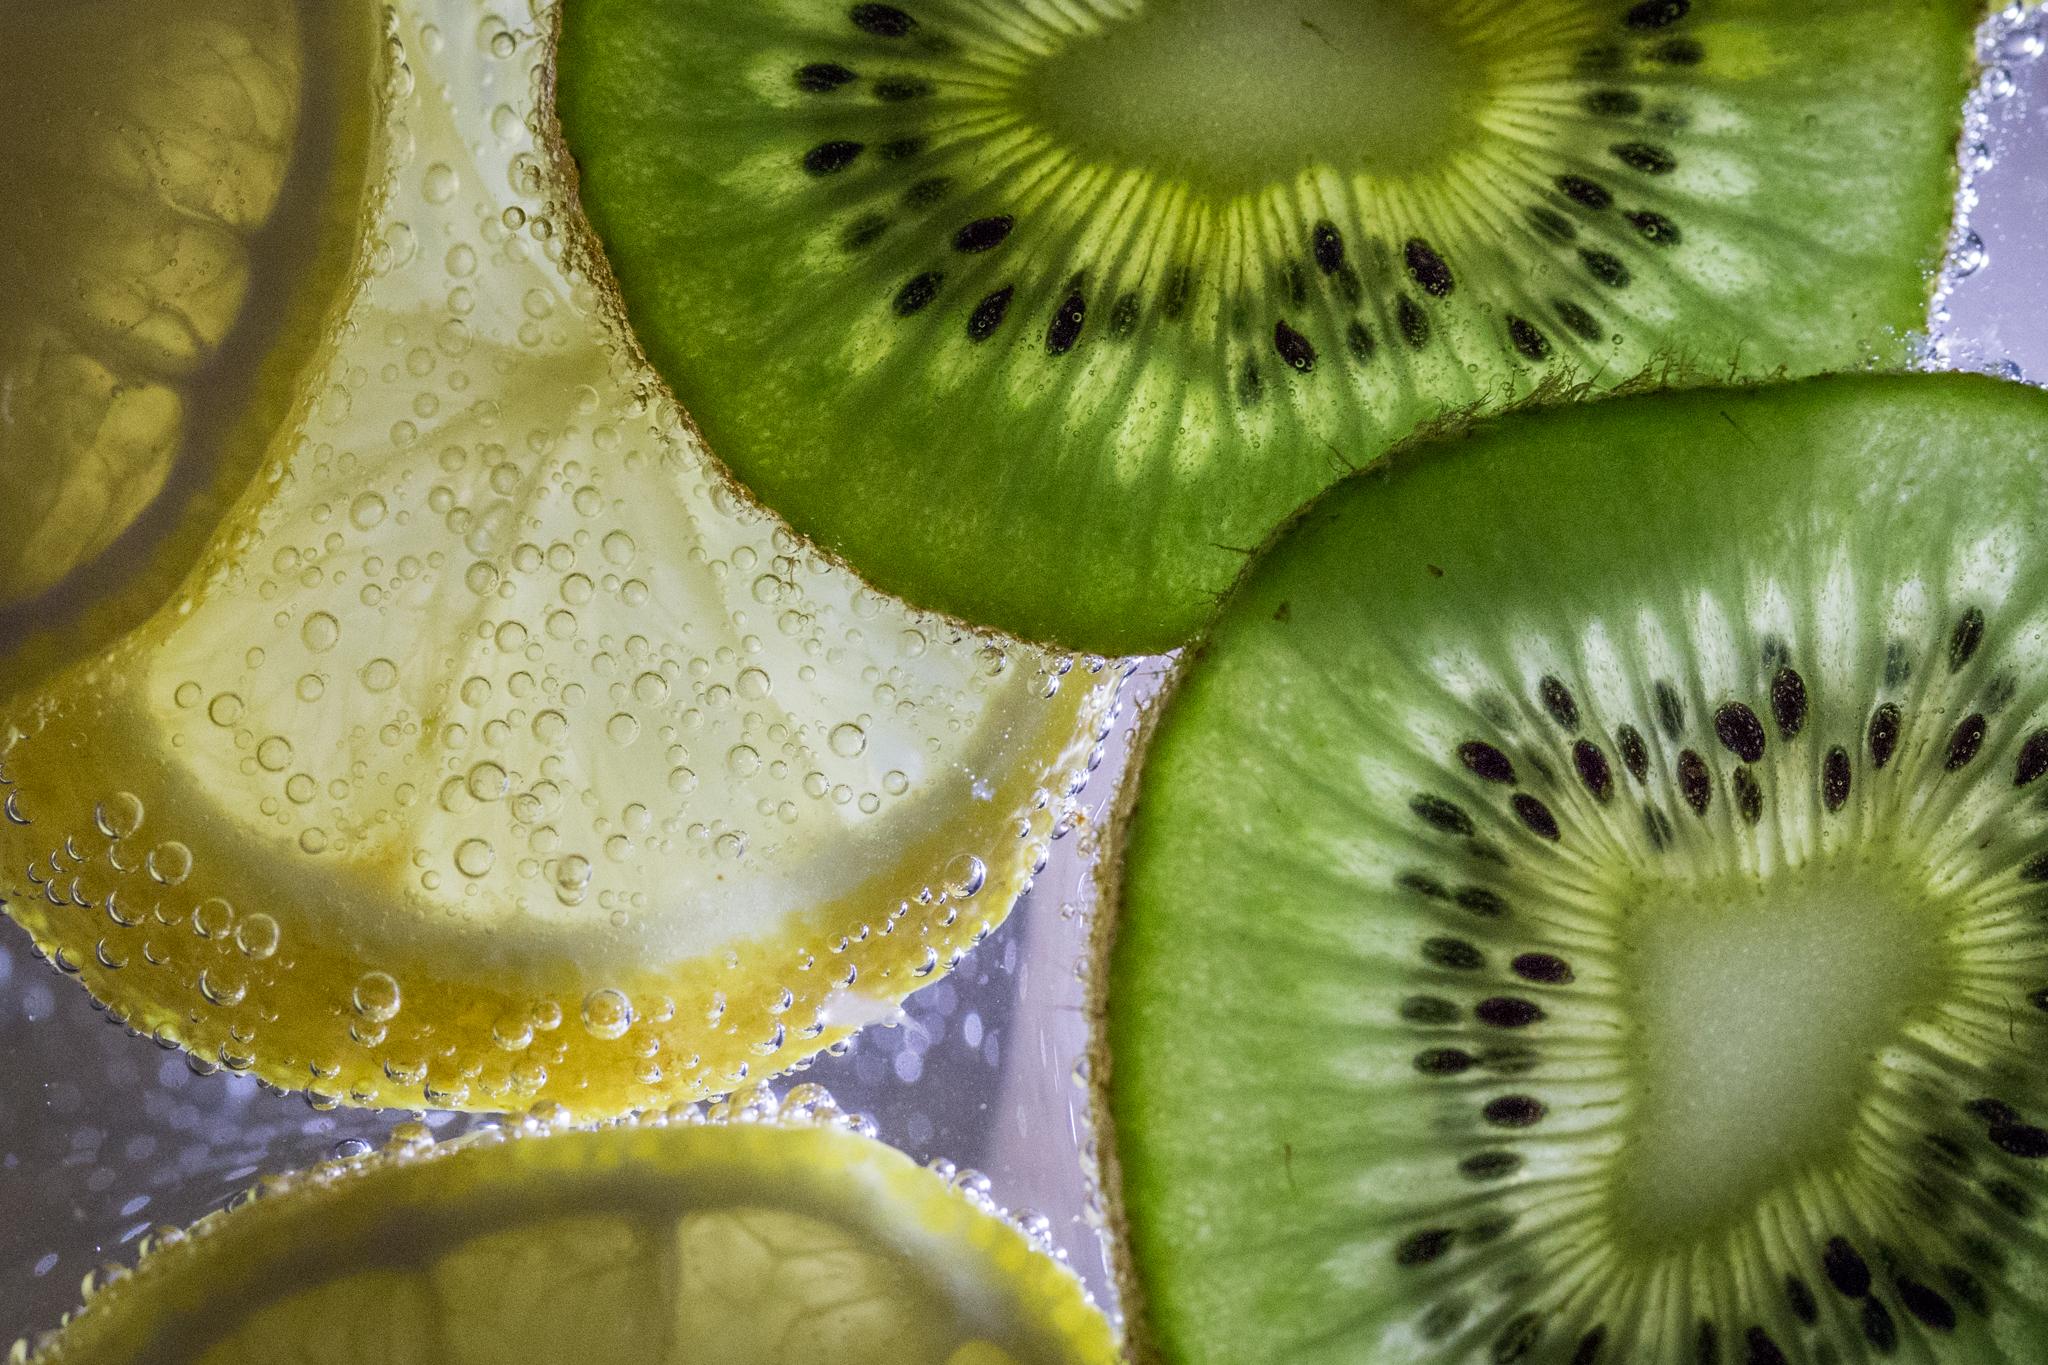 2385-17_11NOV Herb Photoshoot.jpg